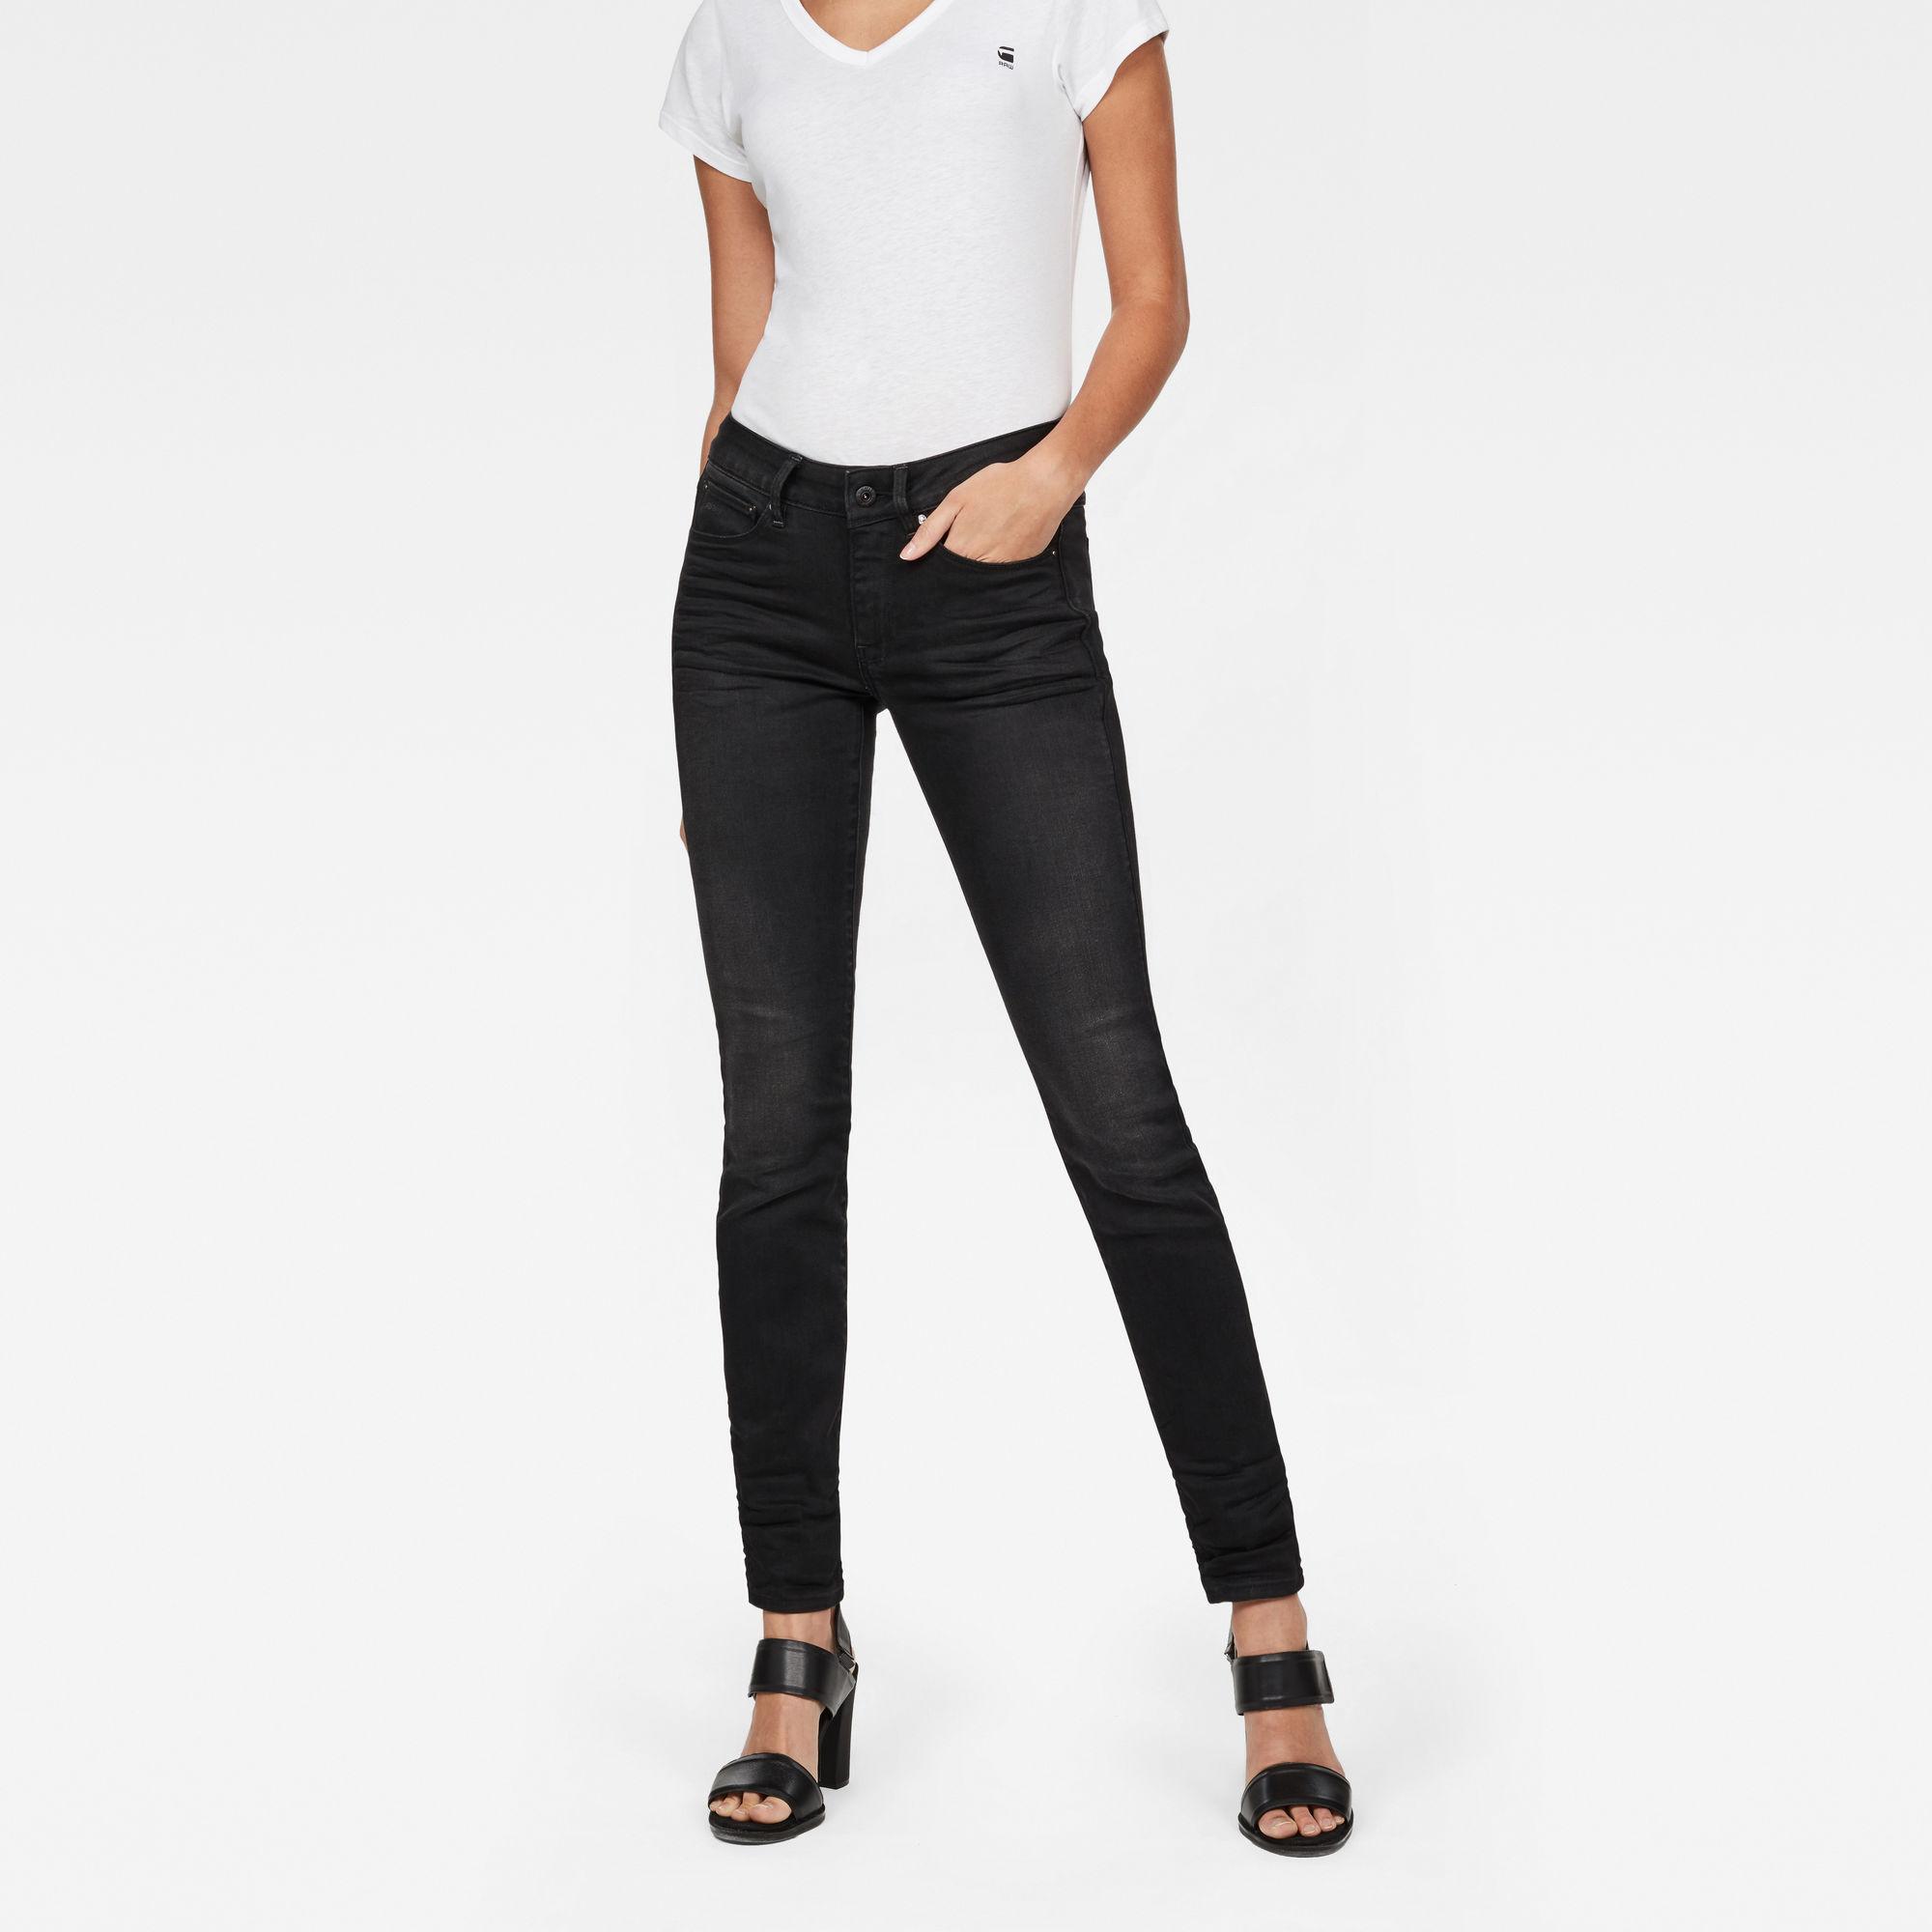 G-Star RAW Dames 3301 Contour Skinny Jeans Zwart